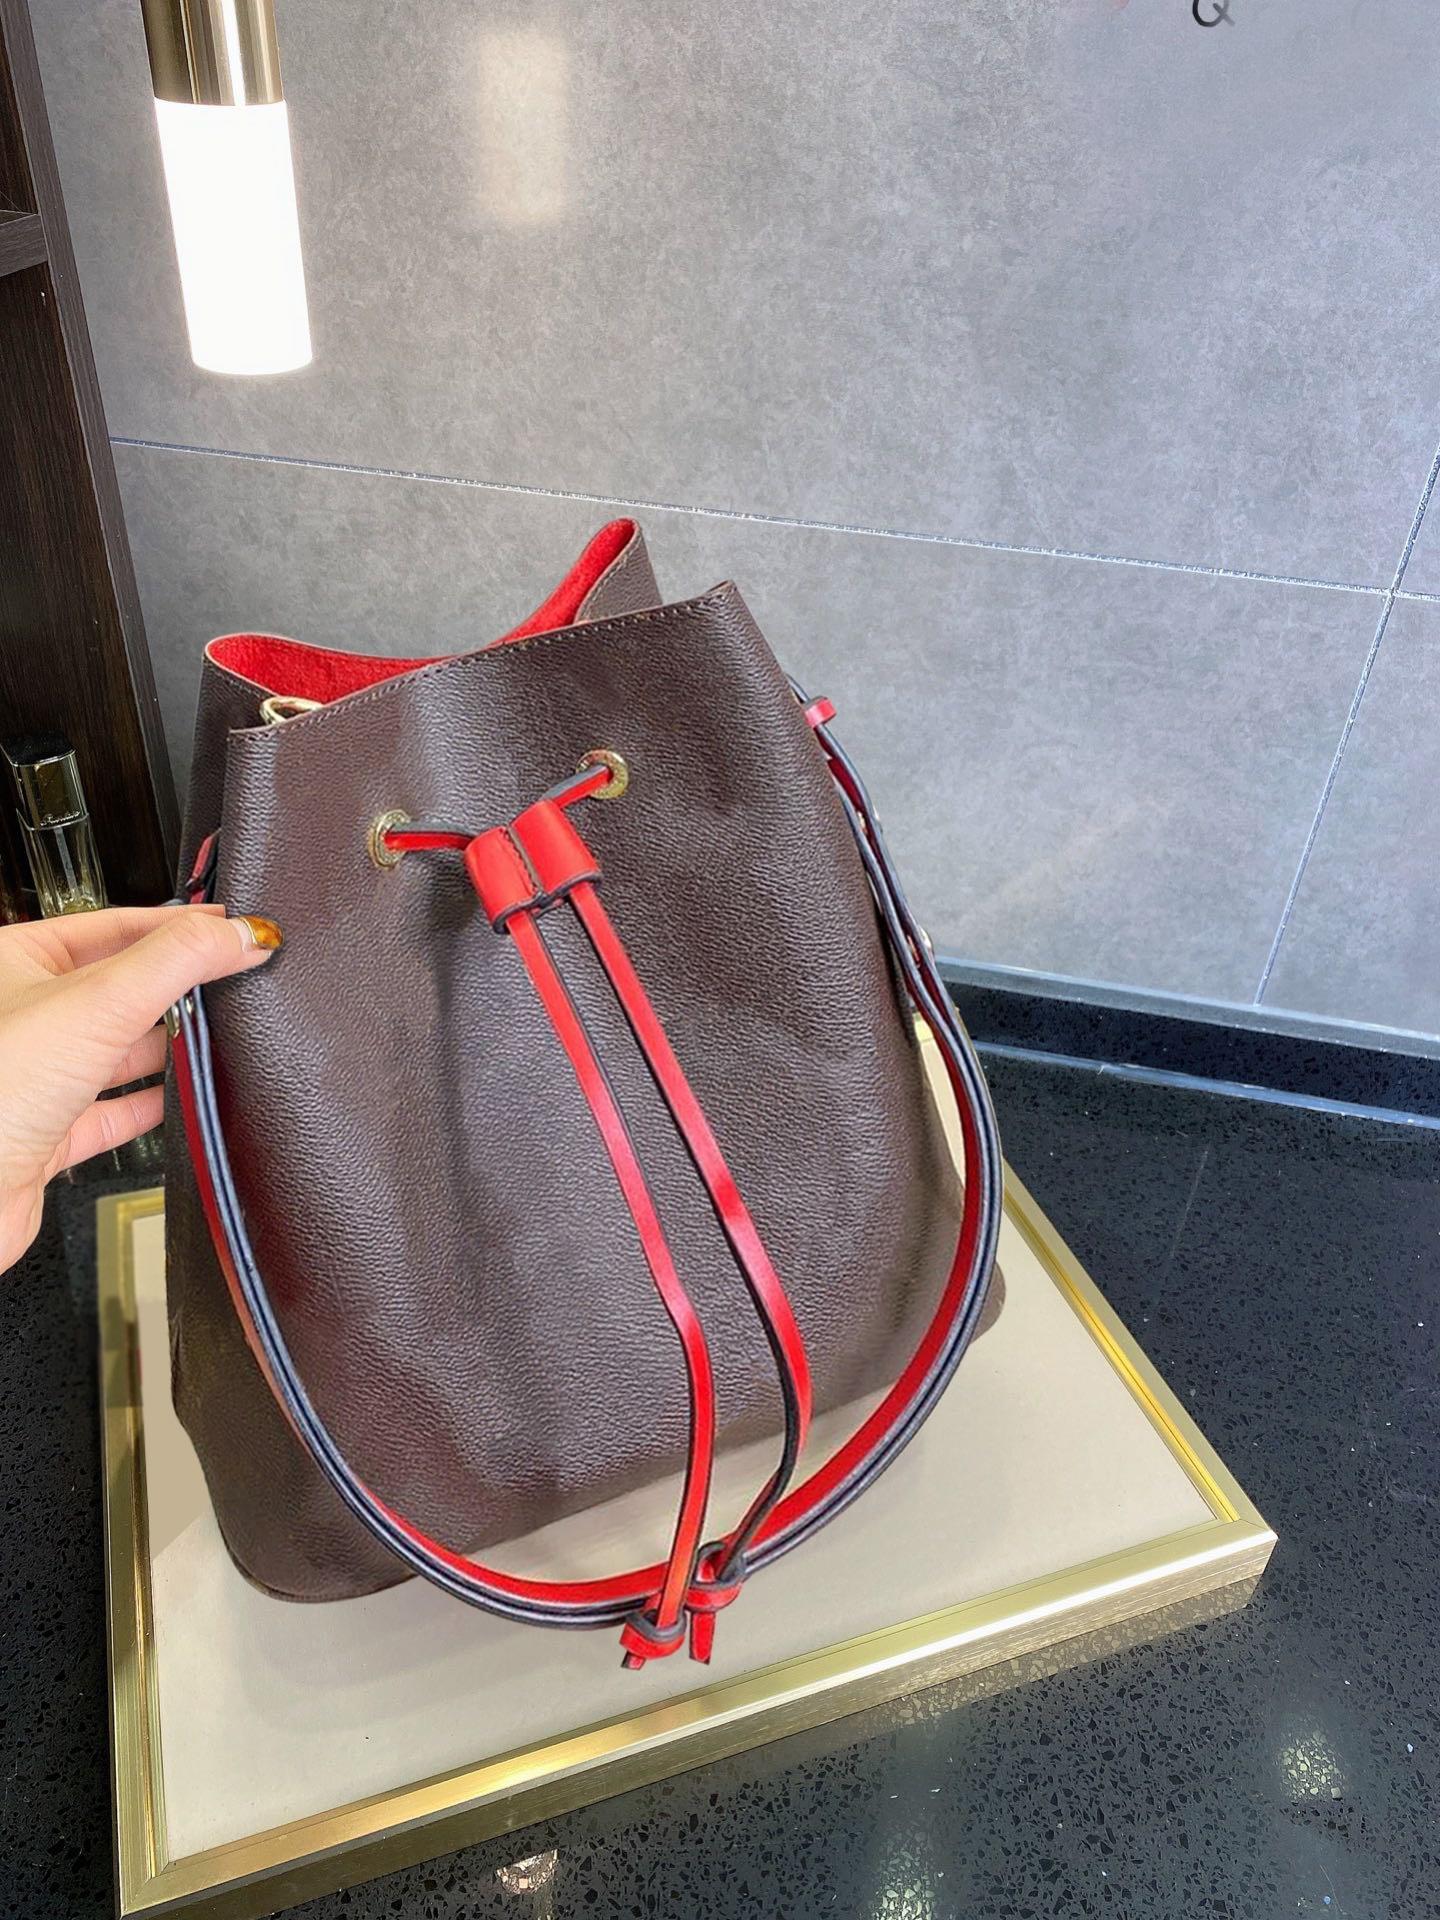 Designers de luxo Balde feminino sacos de ombro com tela de lona saco crossbody bolsas de couro genuíno Ajustável cinta nova moda sacos simétricos flor # 52